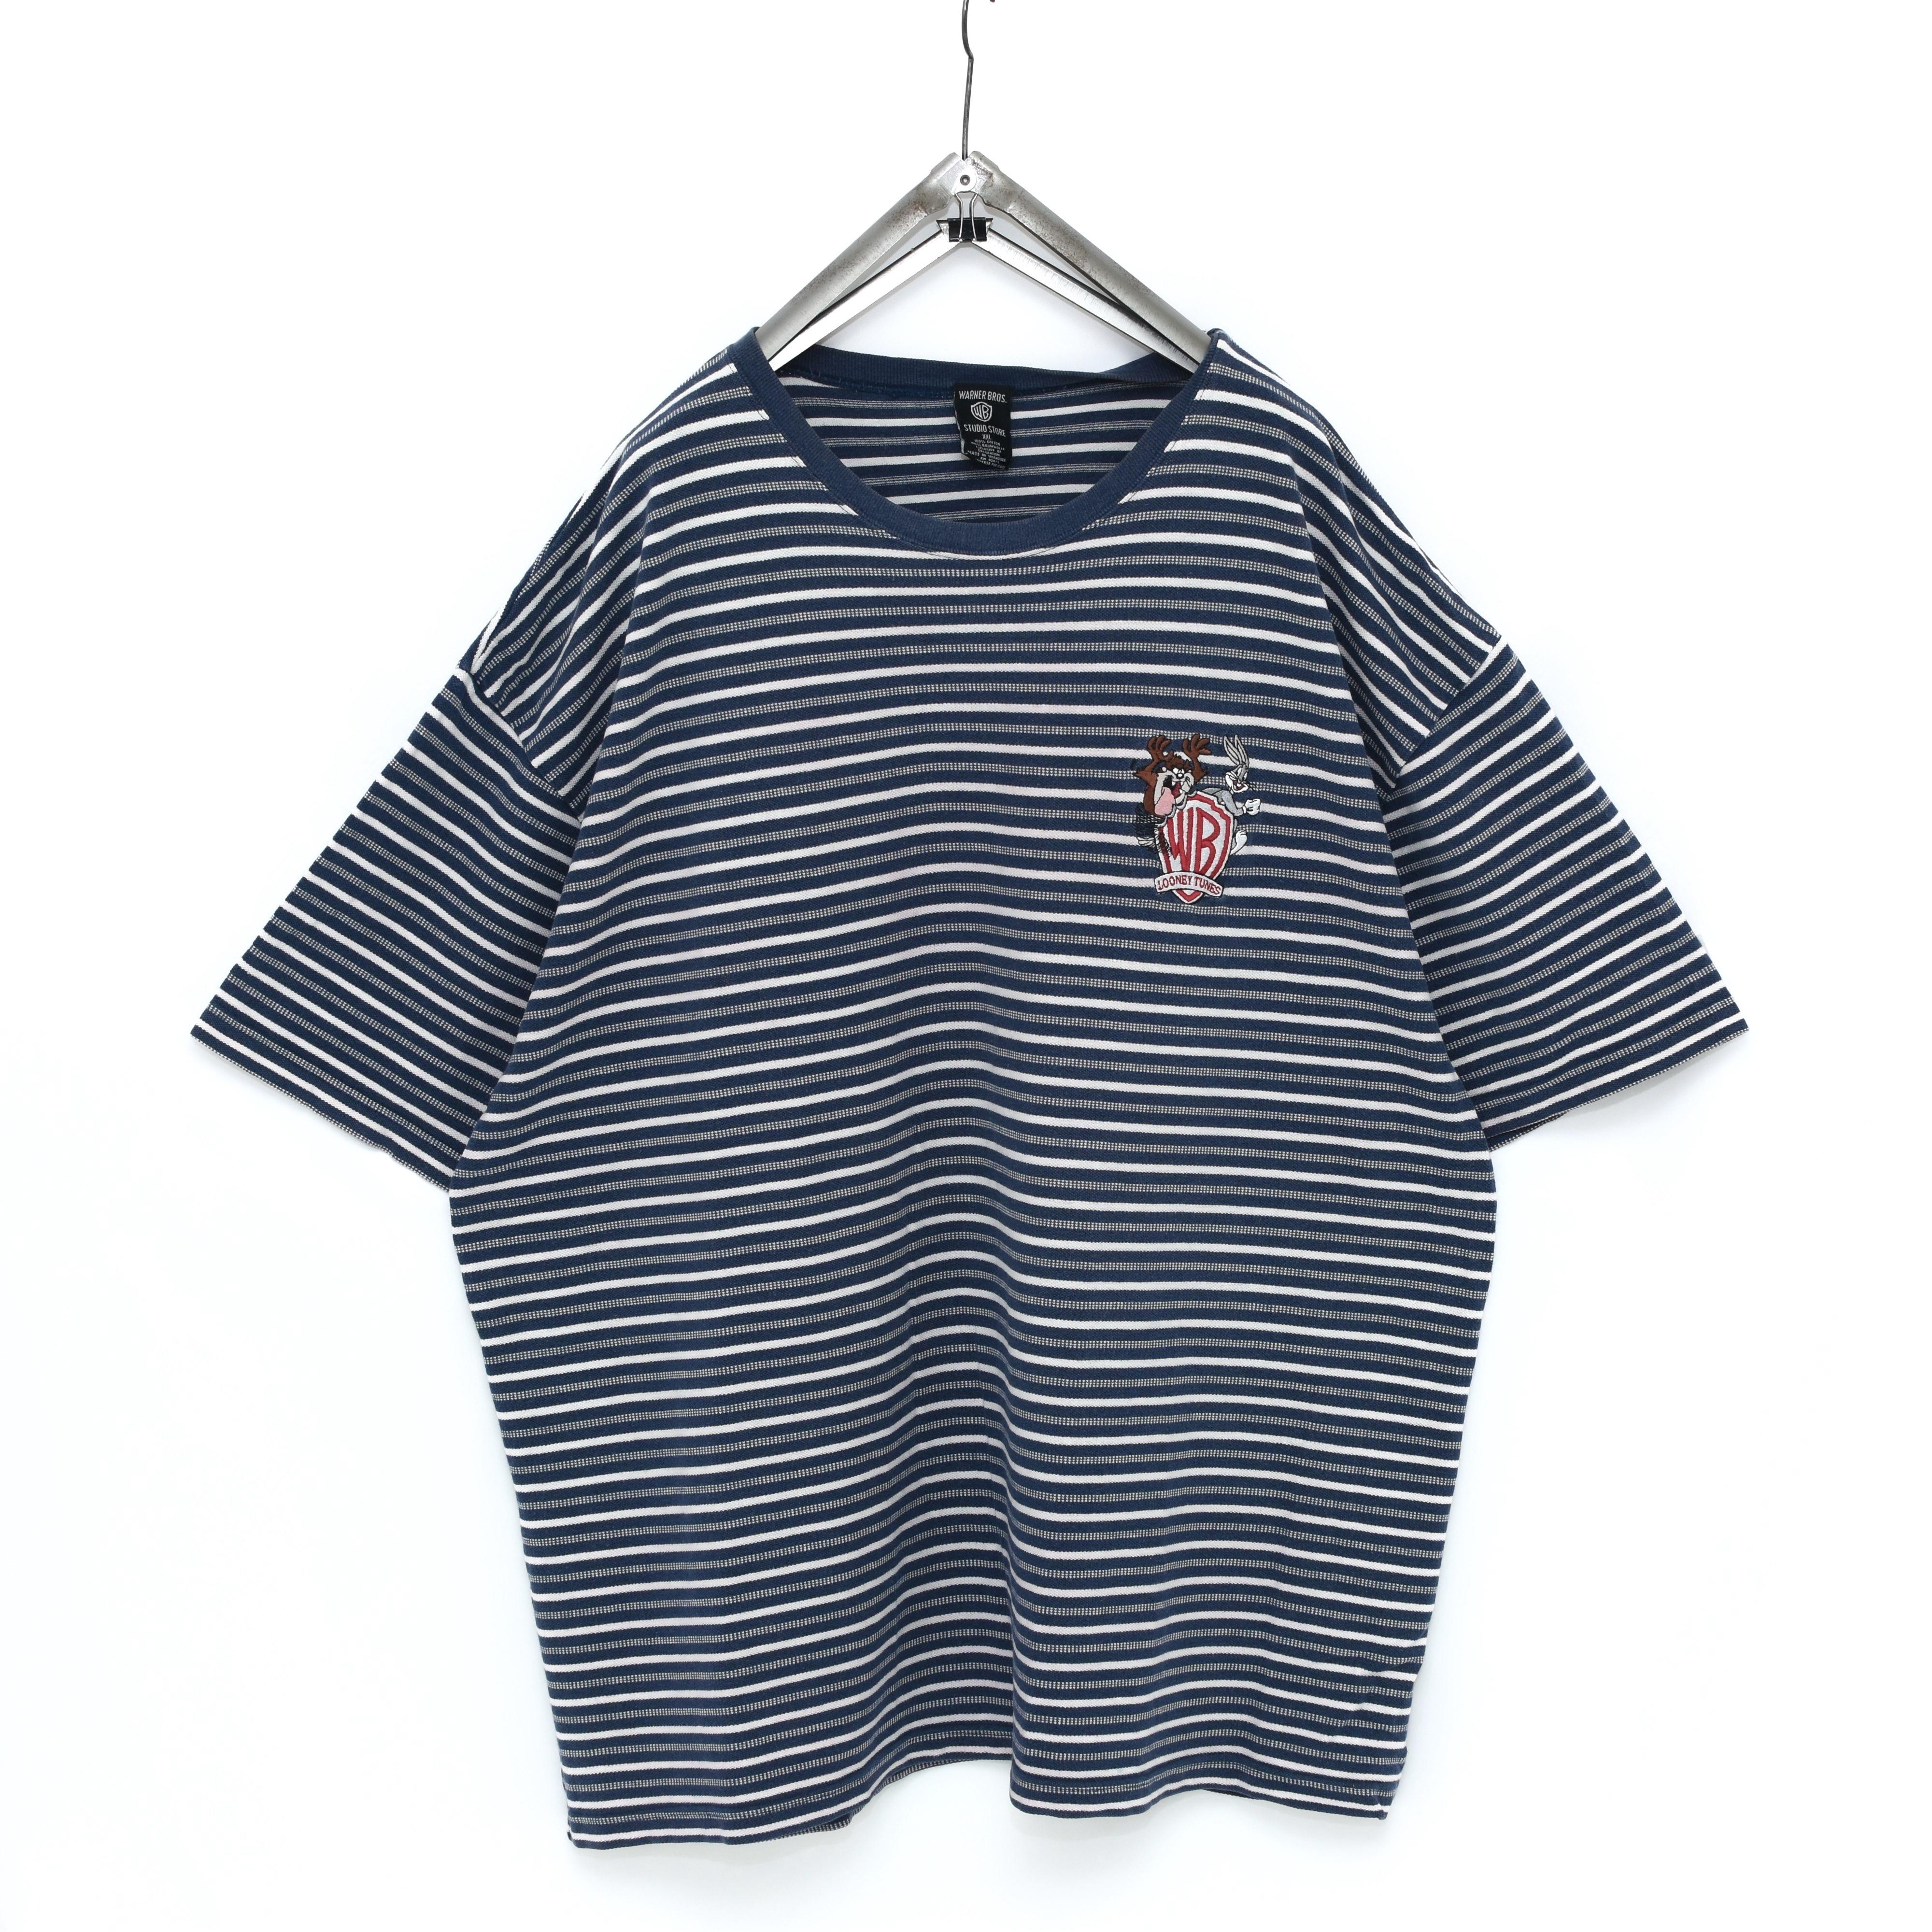 90s Vintage【雰囲気◎】LOONY TUNES 刺繍 ボーダーTシャツ ビンテージ ルーニーチューン